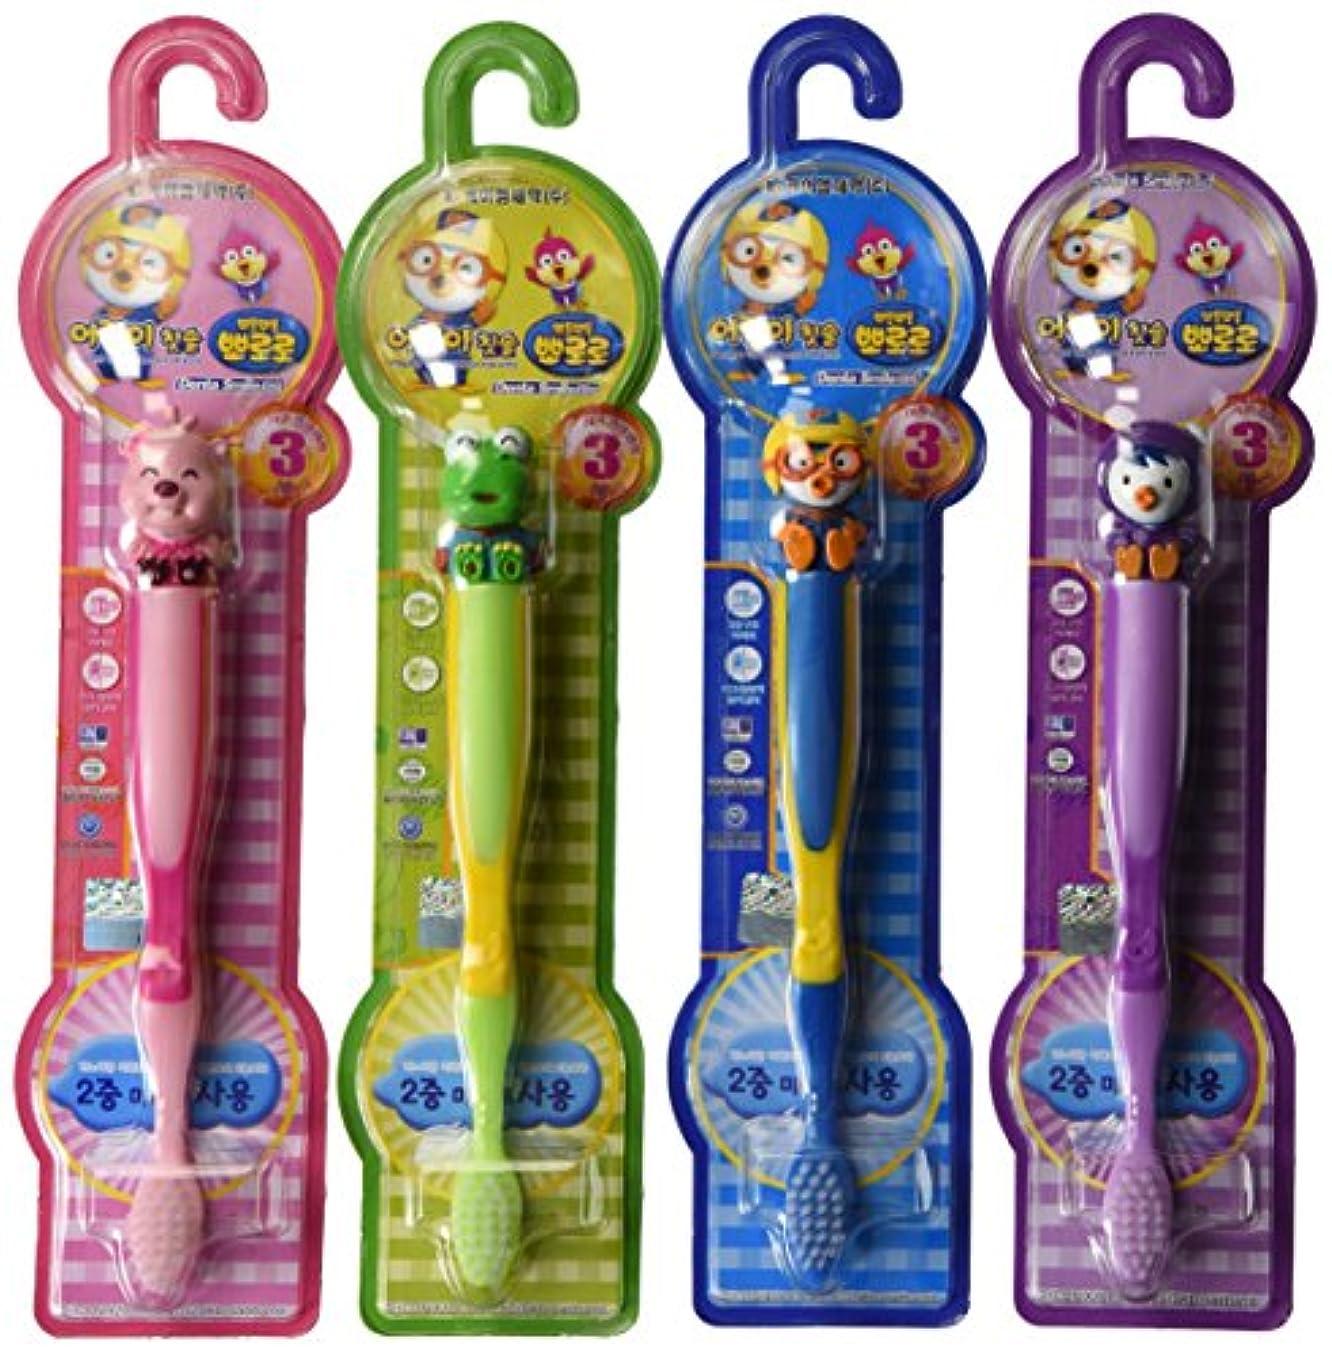 隔離する狂人花火Pororo Kids Children Toothbrush Toothpaste (4units) by TheJD [並行輸入品]